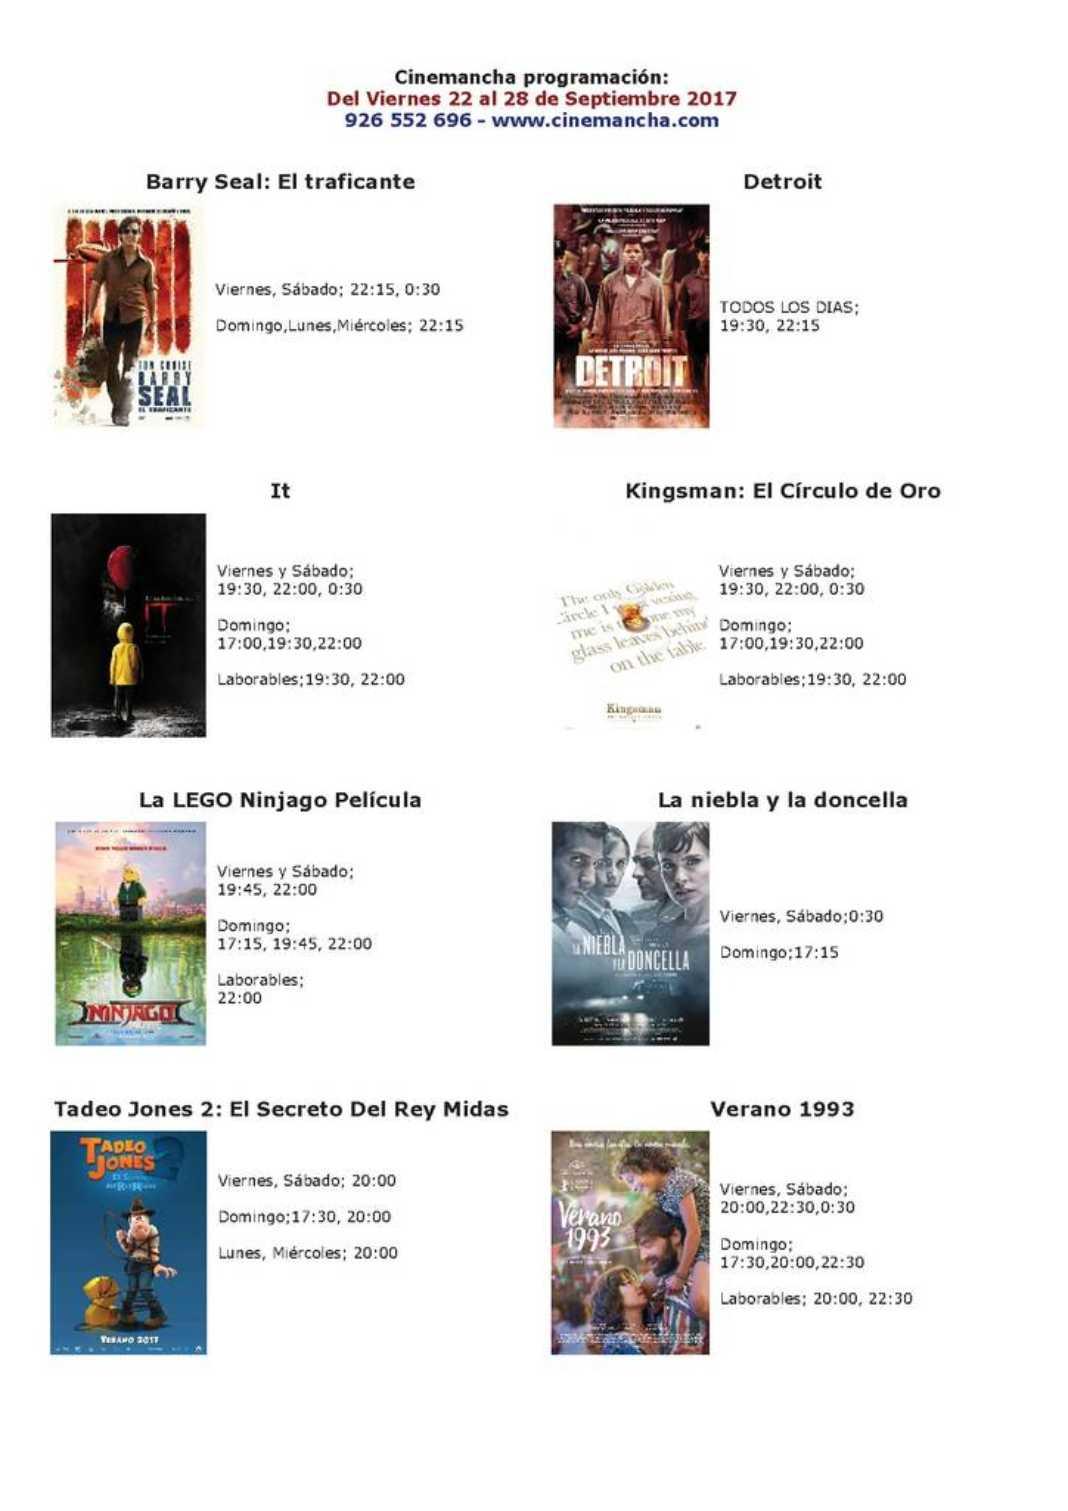 Nueva cartelera en Cinemancha del 22 al 28 de septiembre 2